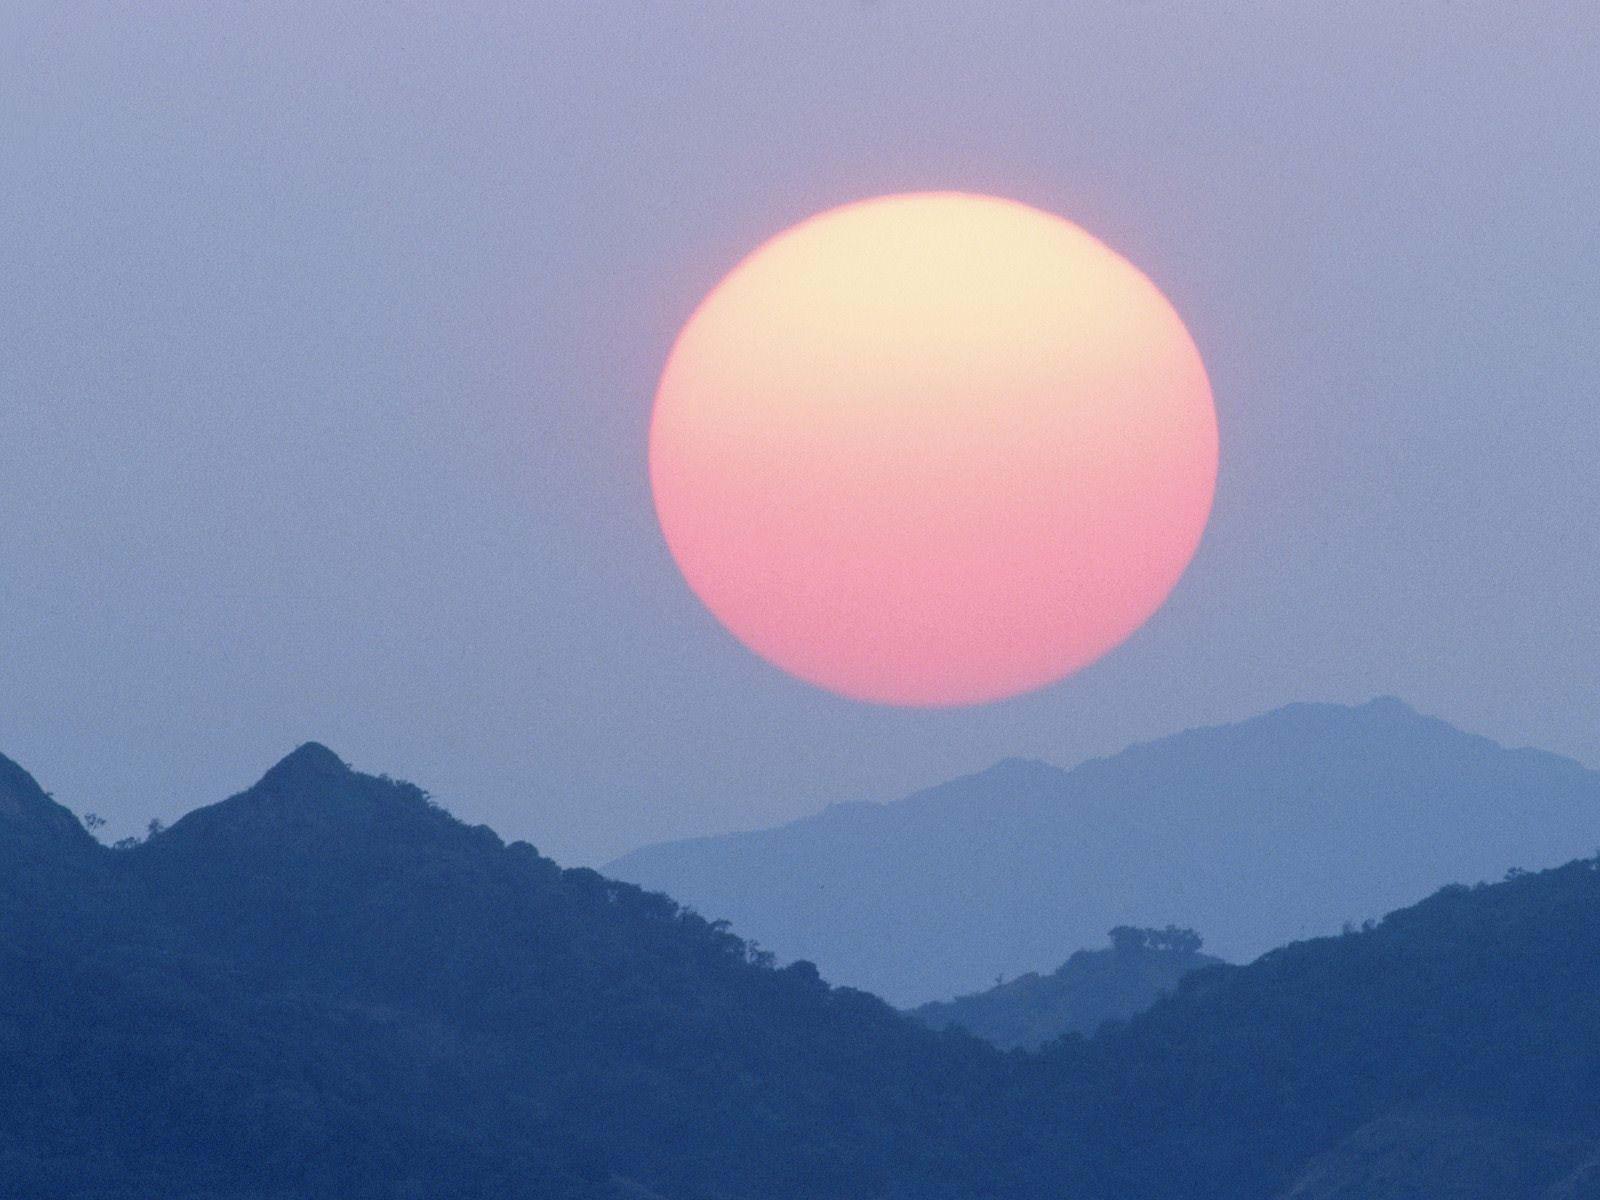 Sunrise Between Mountains Wallpaper